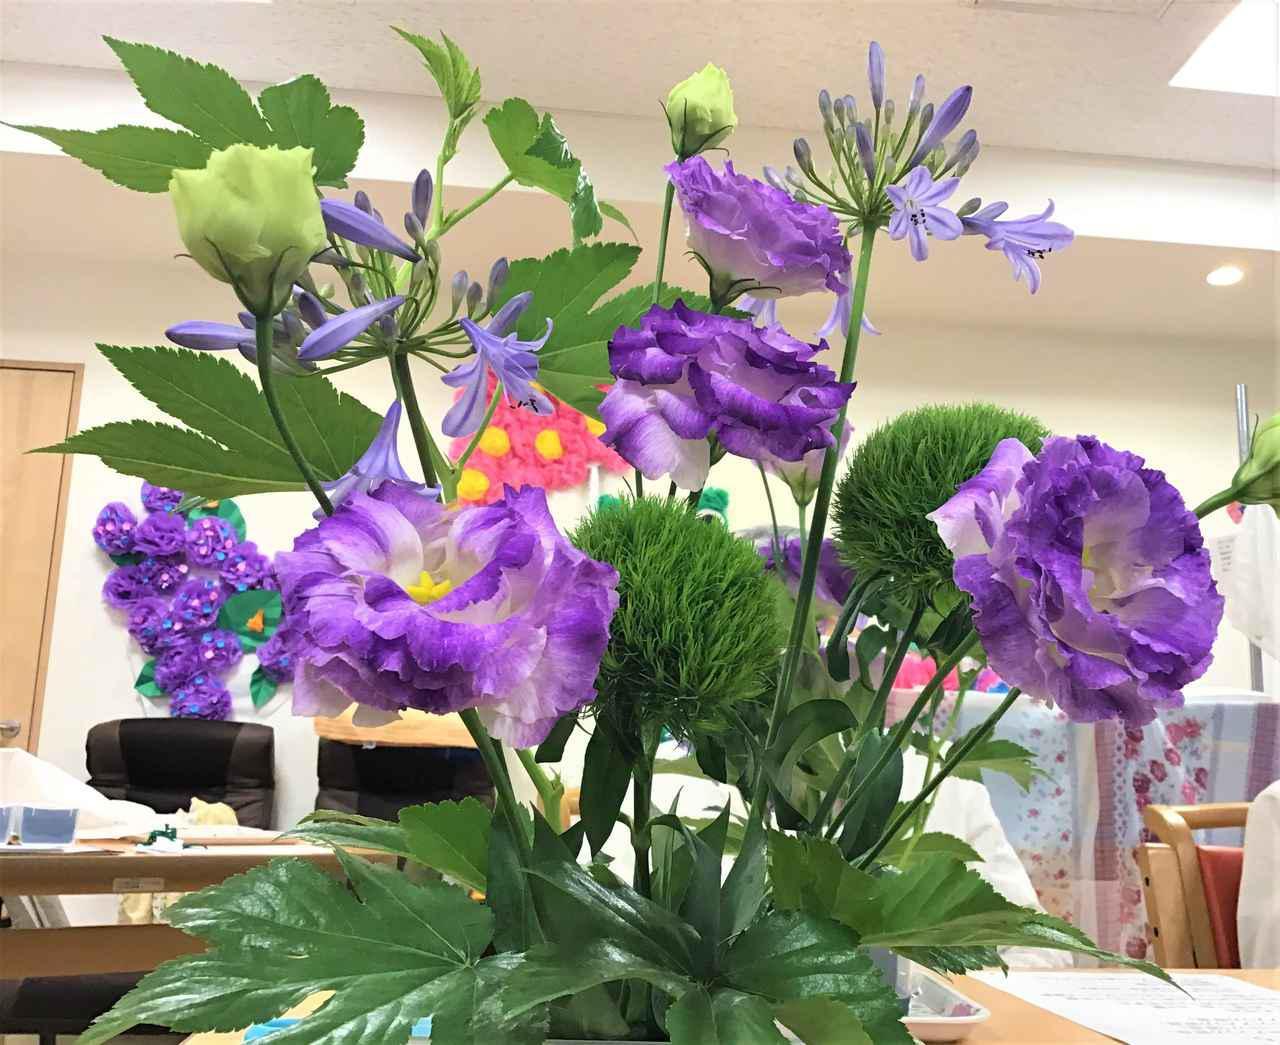 画像2: 本日のお花たちをご紹介いたします。